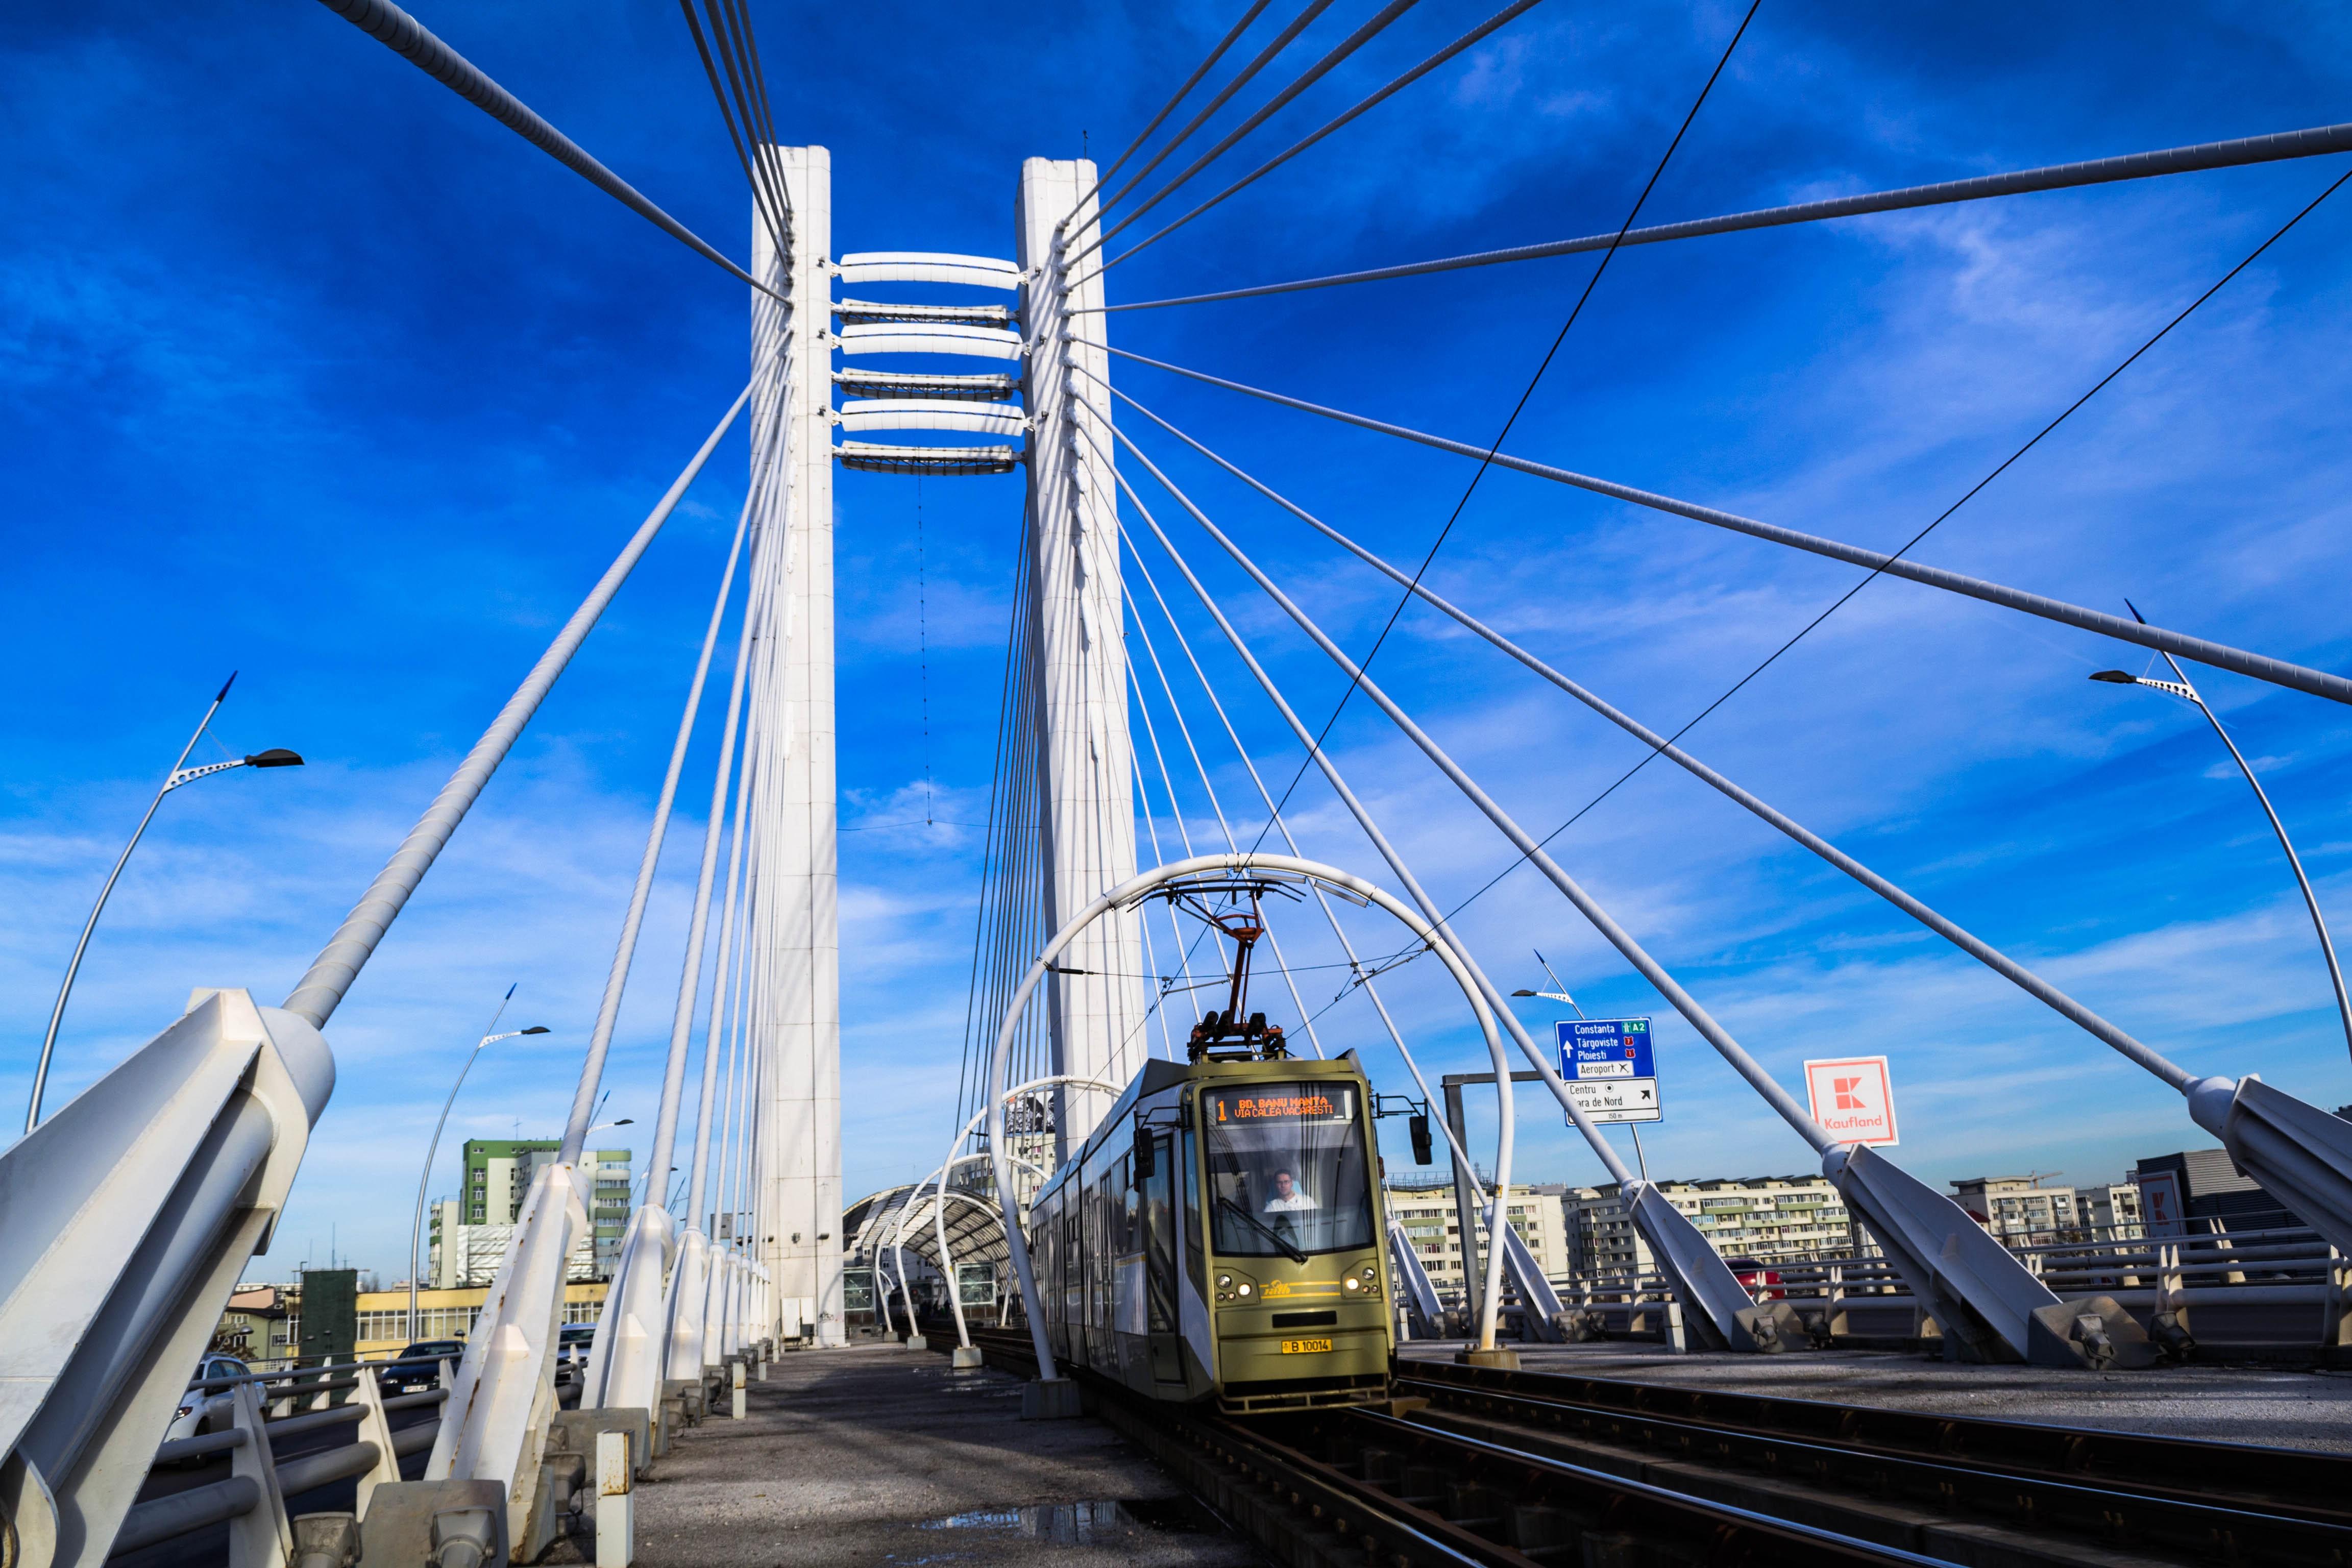 Capitala României devine un punct atractiv pentru specialiștii din IT și tehnologie